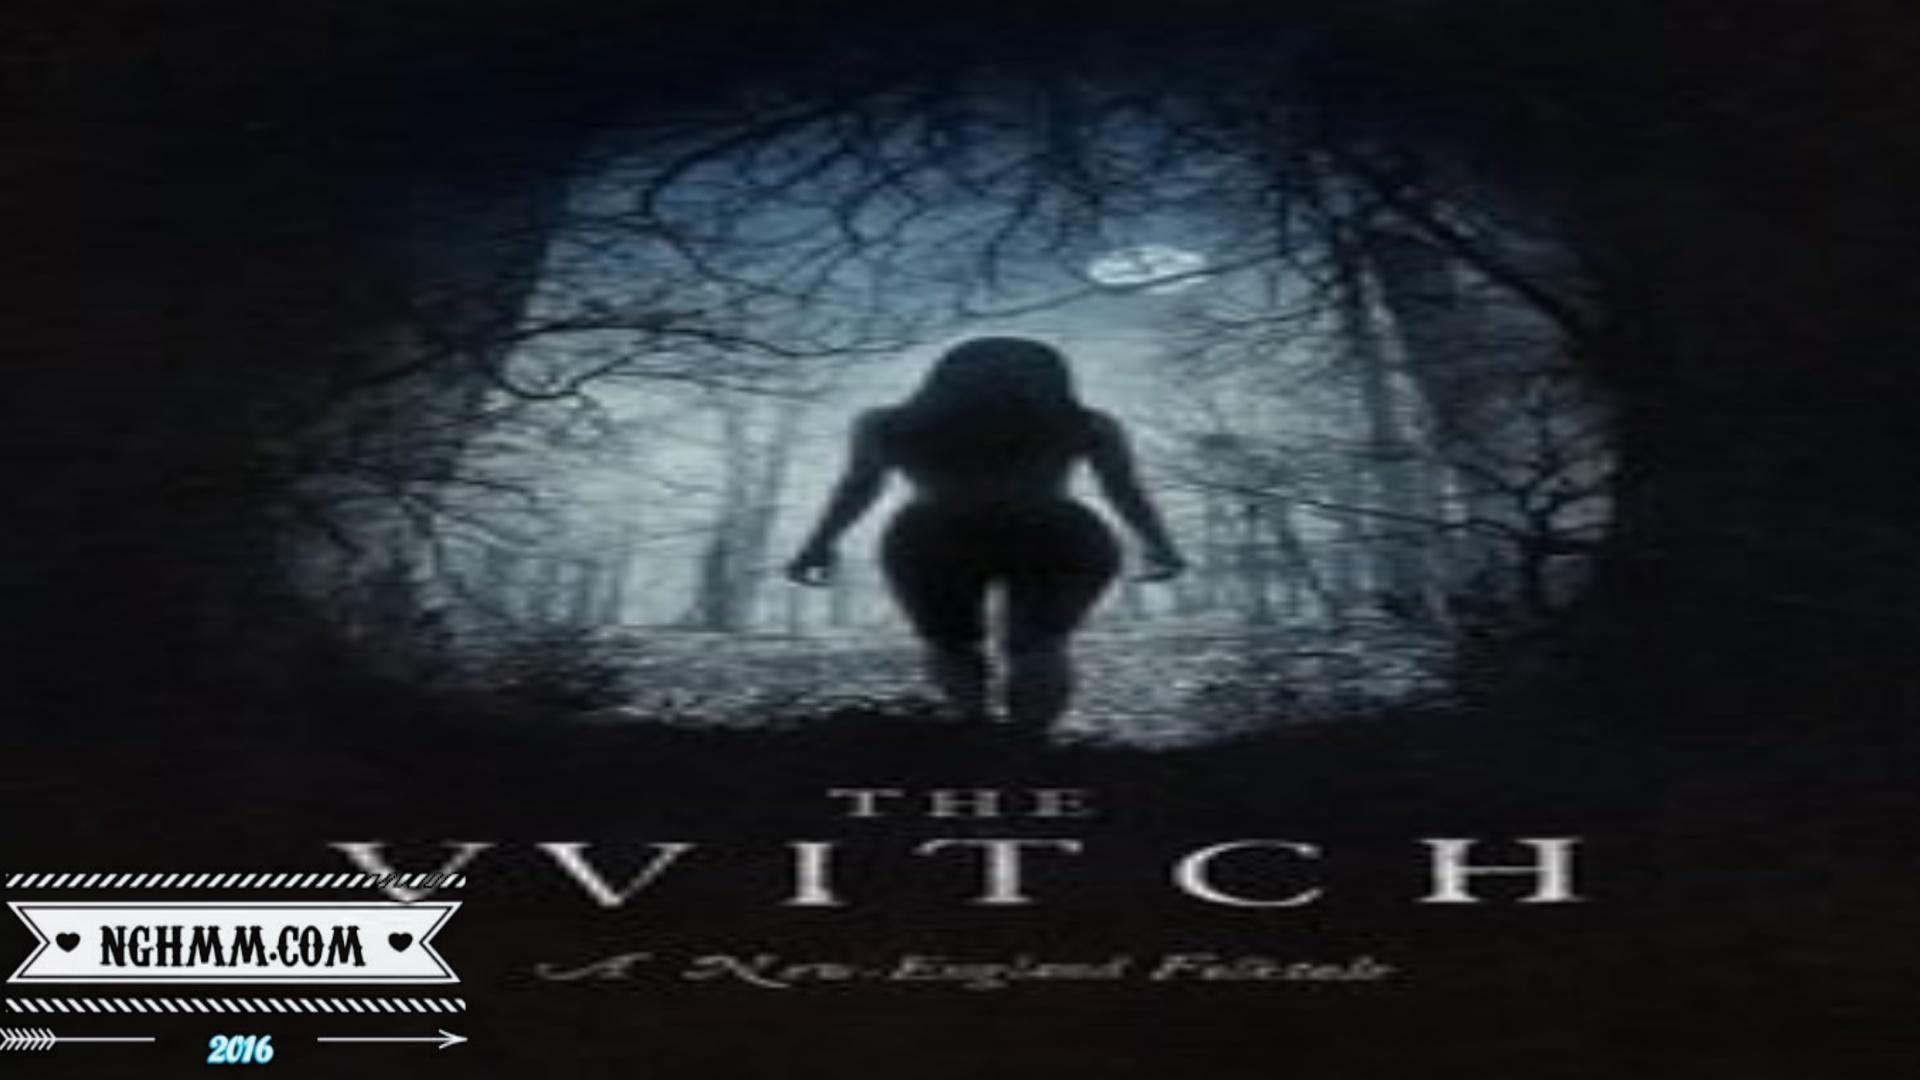 فيلم الرعب والاثارة The Witch 2015 HDRip